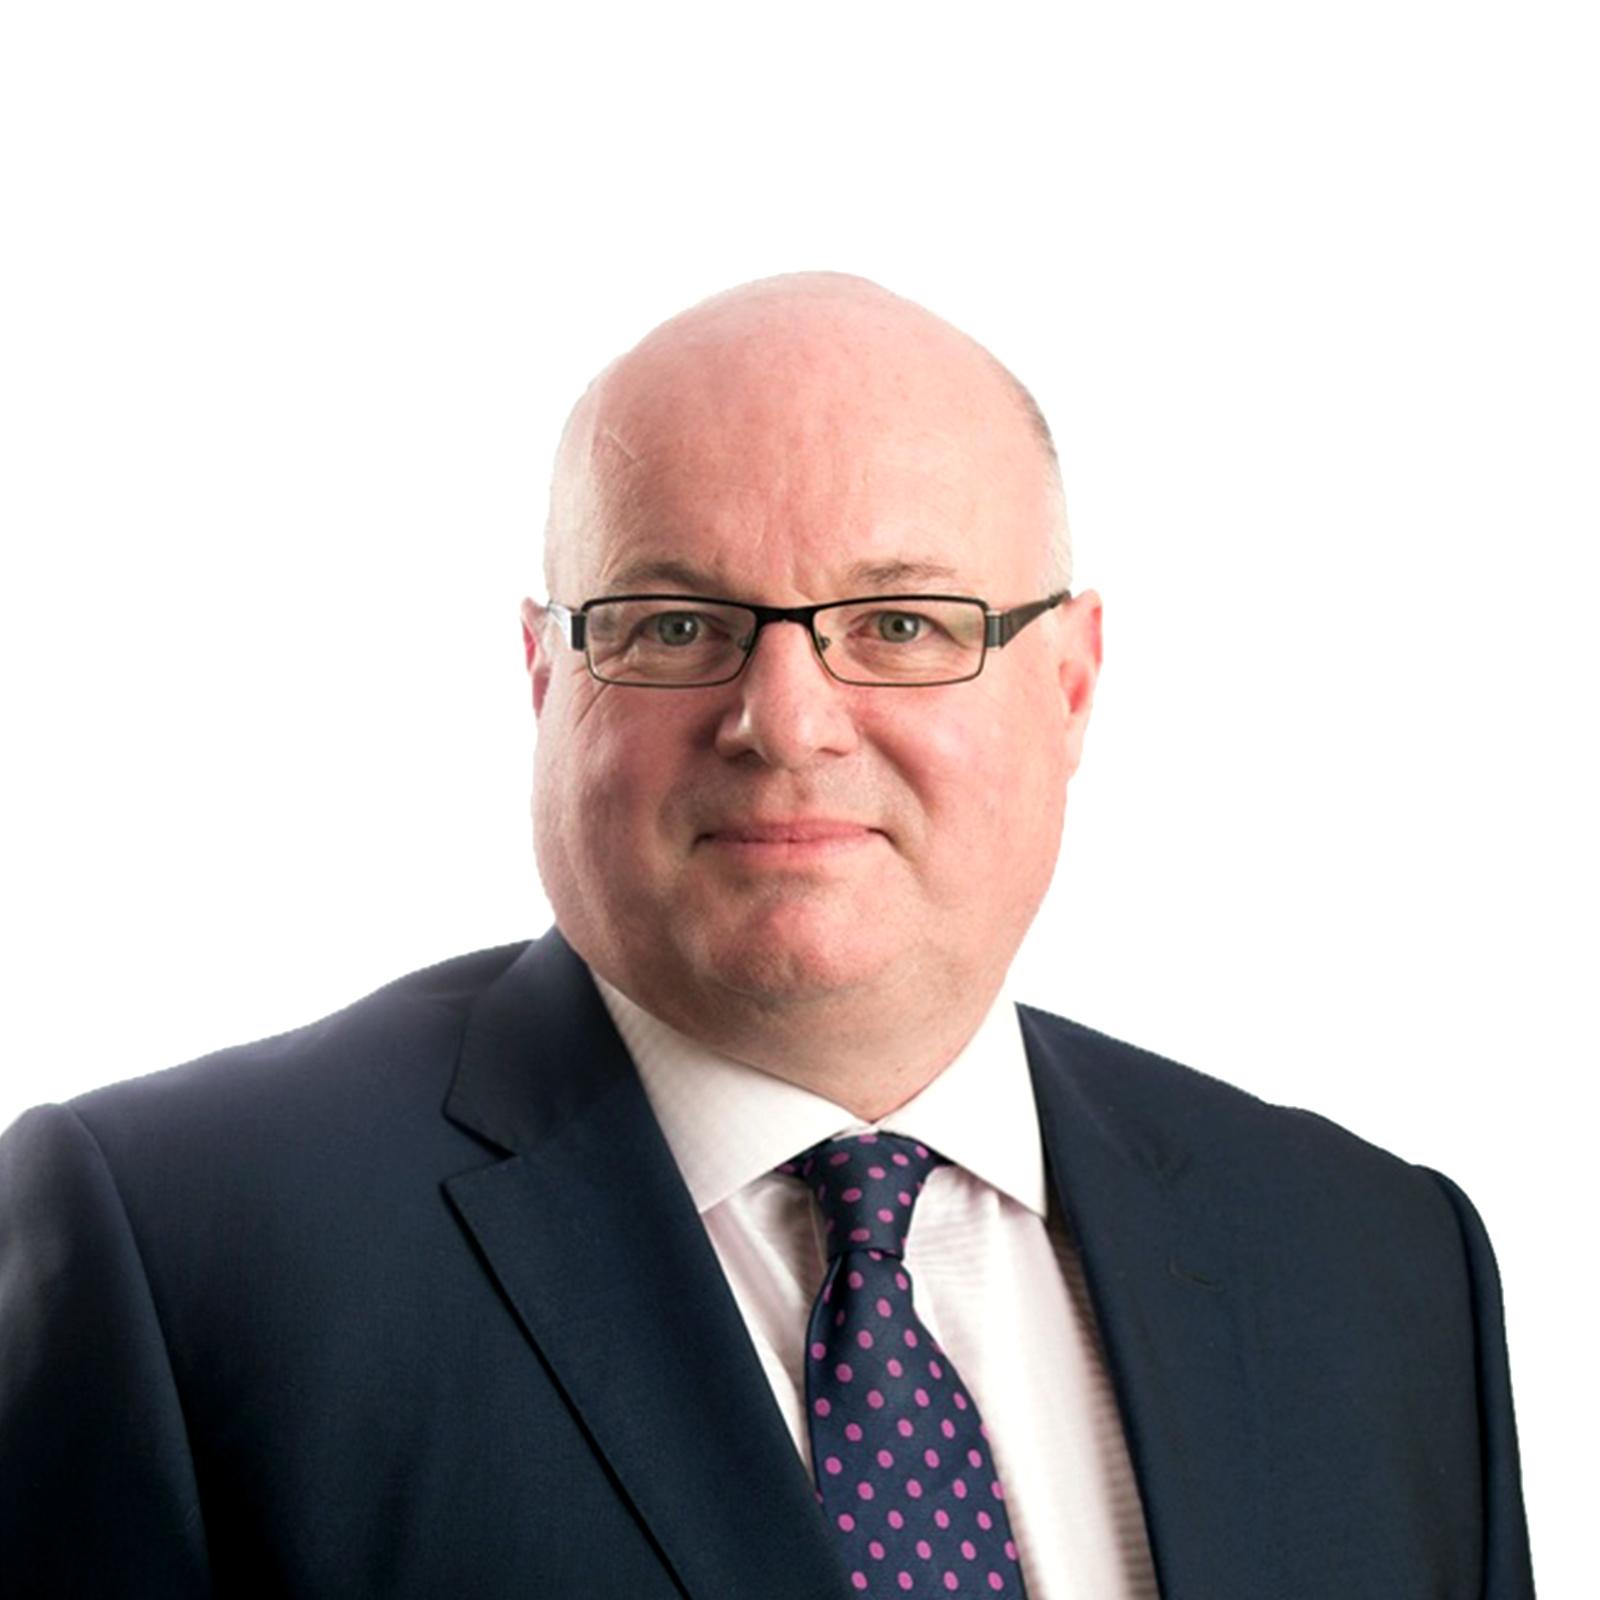 Declan McEvoy